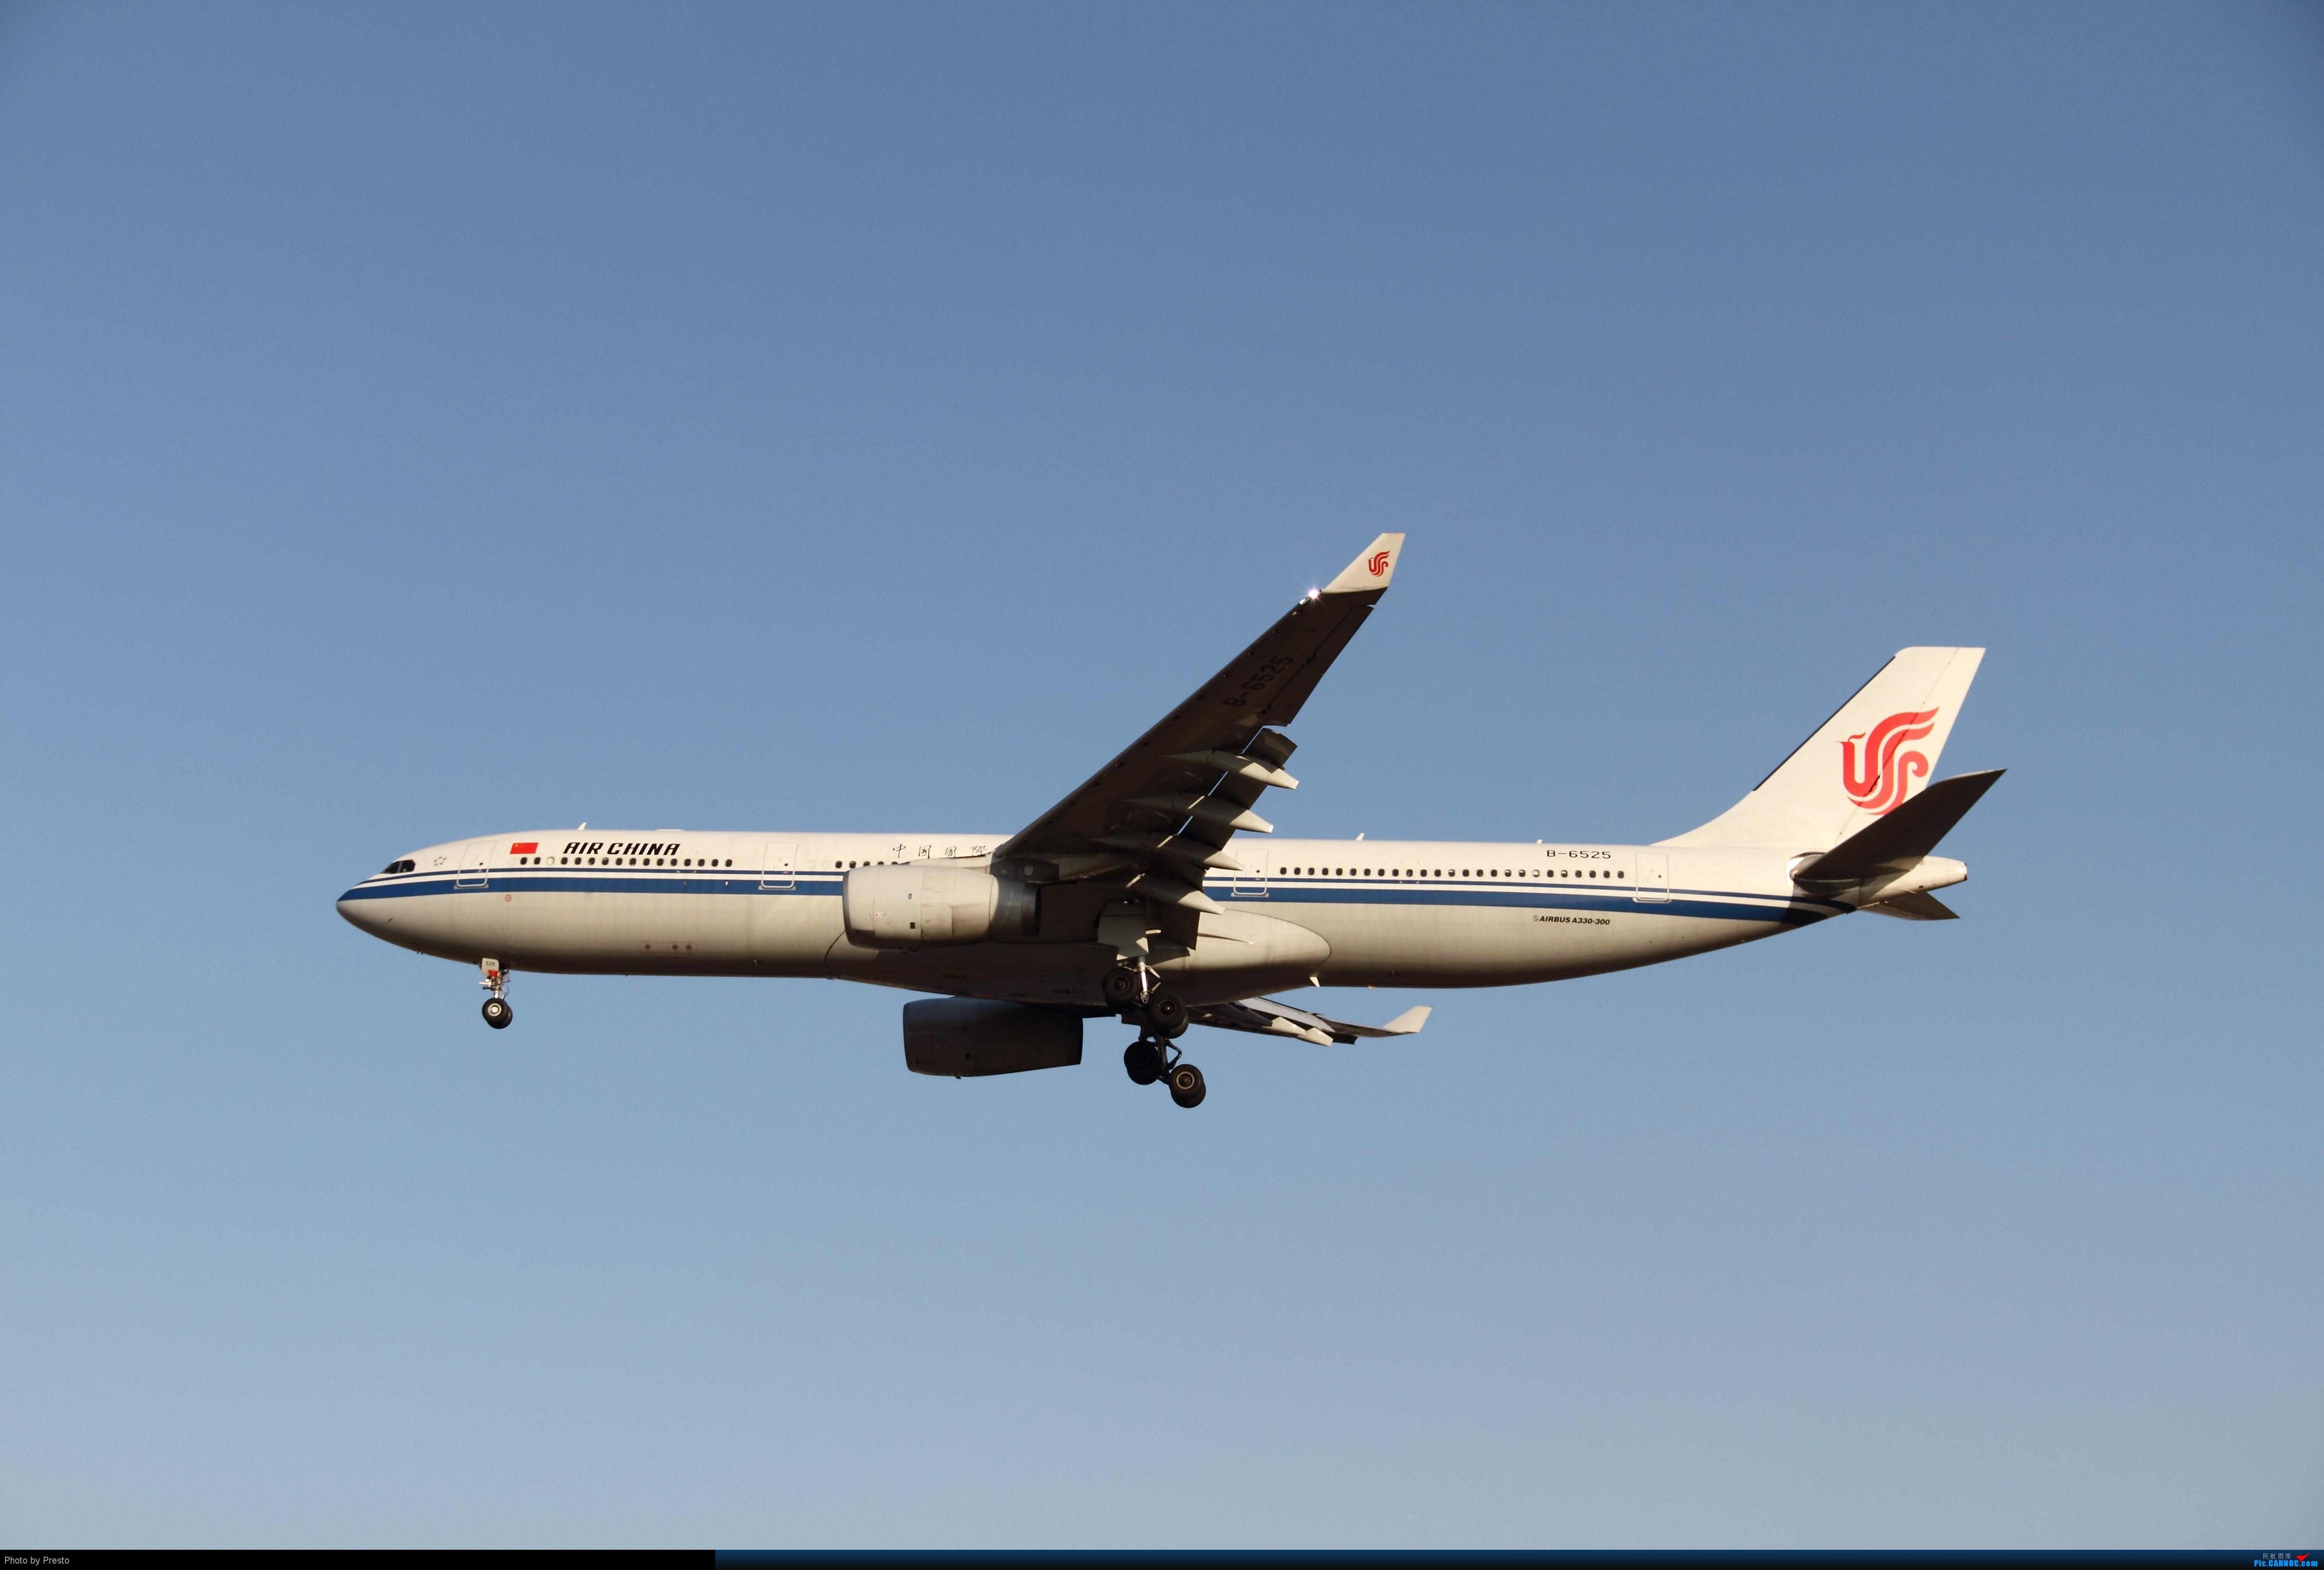 [原创]2.2PEK 首次发图 虚心求教 AIRBUS A330-300 B-6525 中国北京首都机场